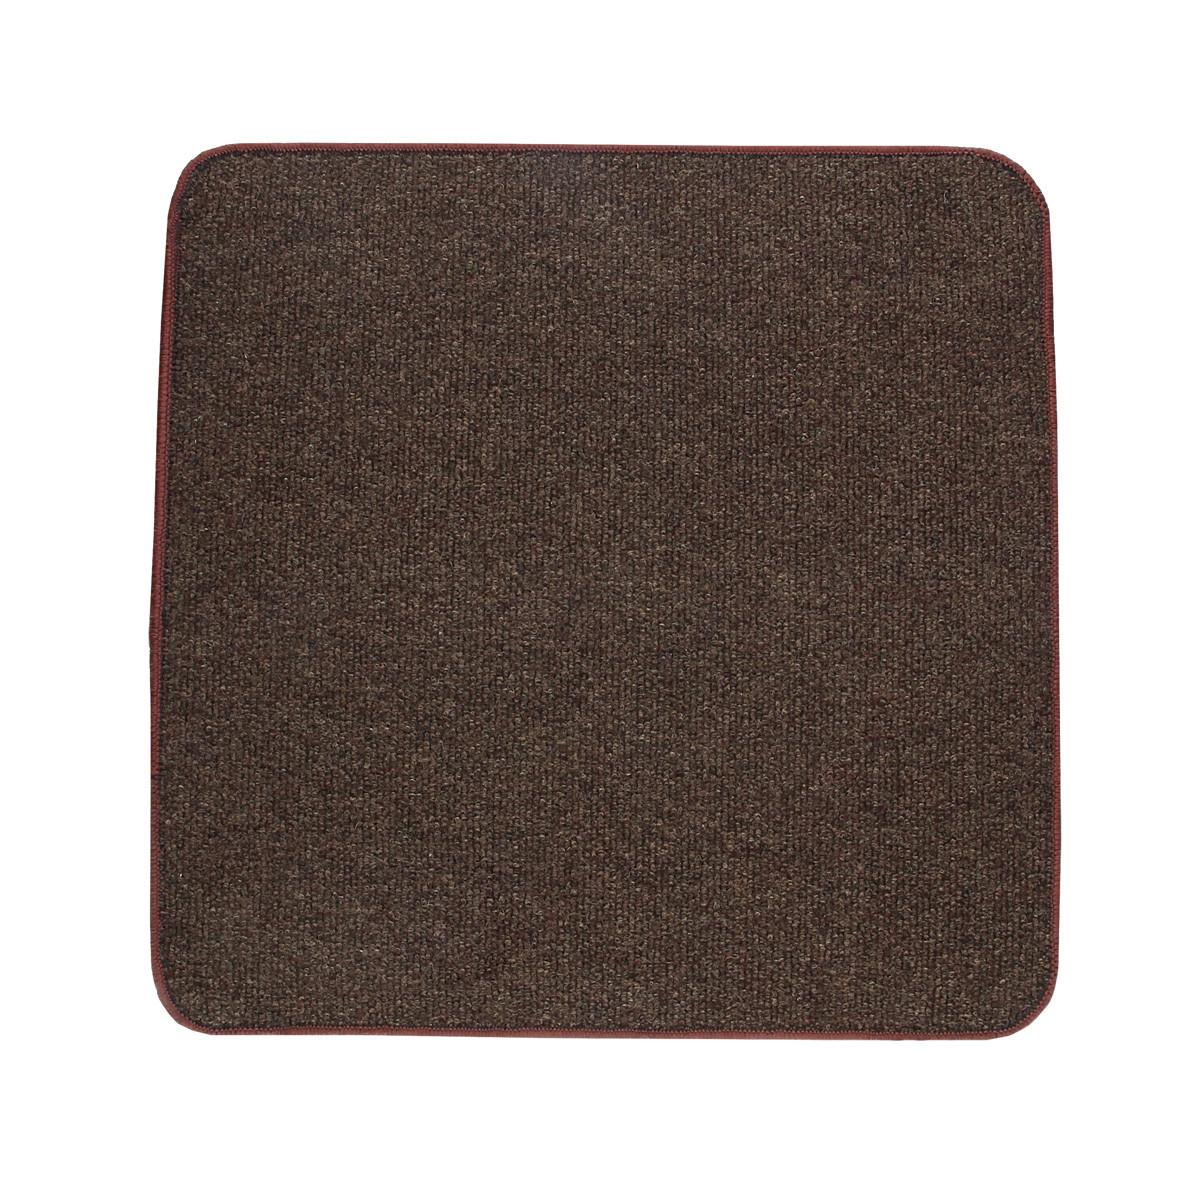 Електричний килимок з підігрівом Теплик з термо і гідроізоляцією 50 х 50 см Темно-коричневий